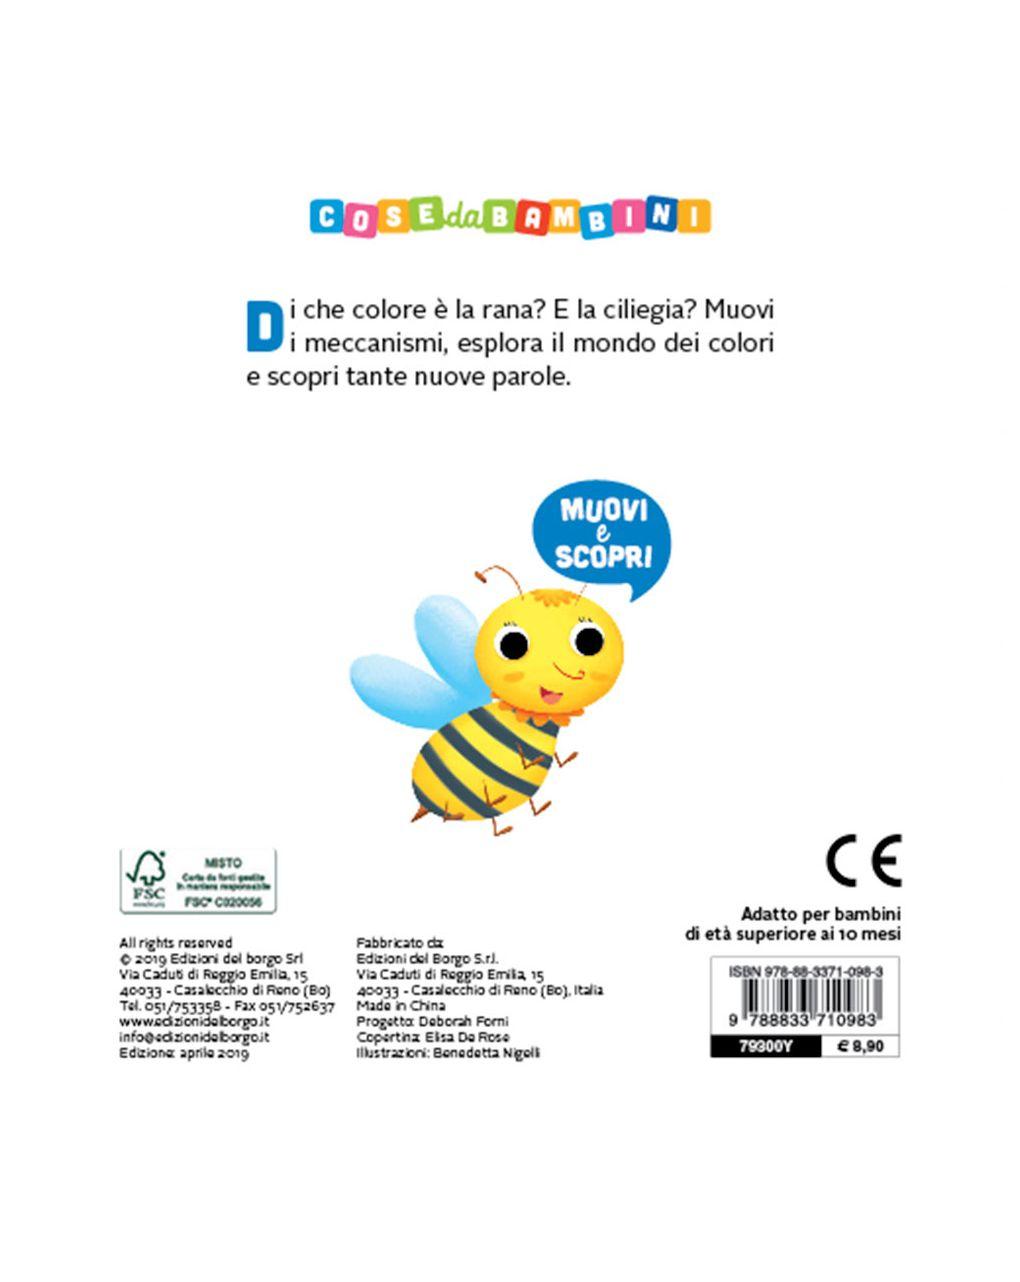 Colori - muovi scopri - Edizioni del Borgo